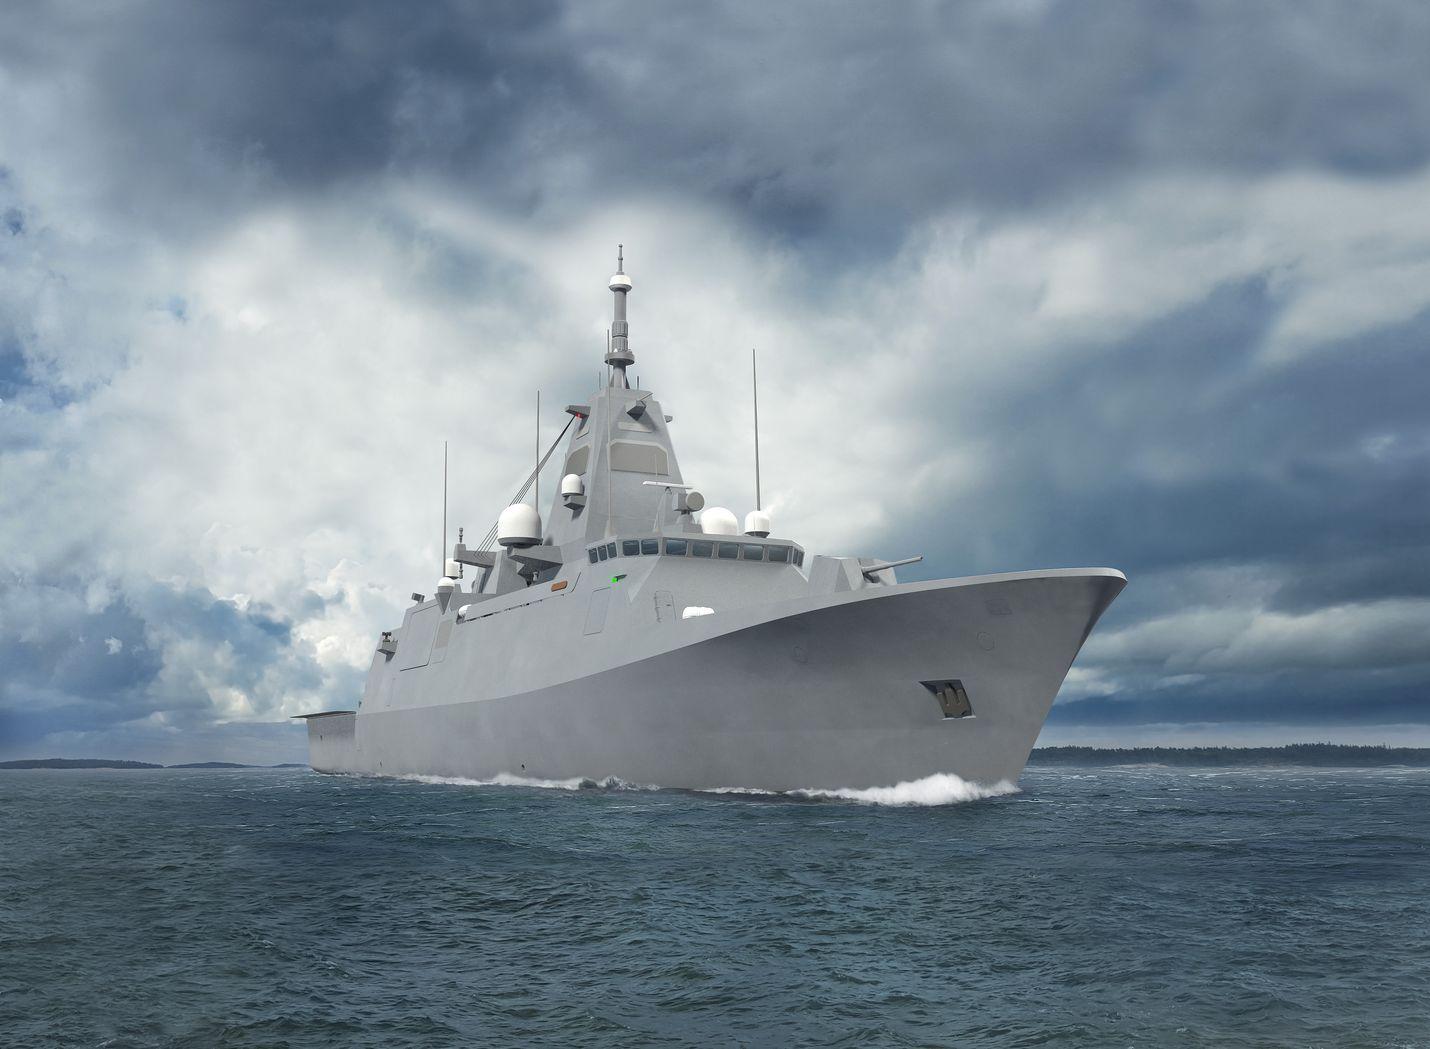 Uusi sotalaiva Merivoimien havainnekuvassa.